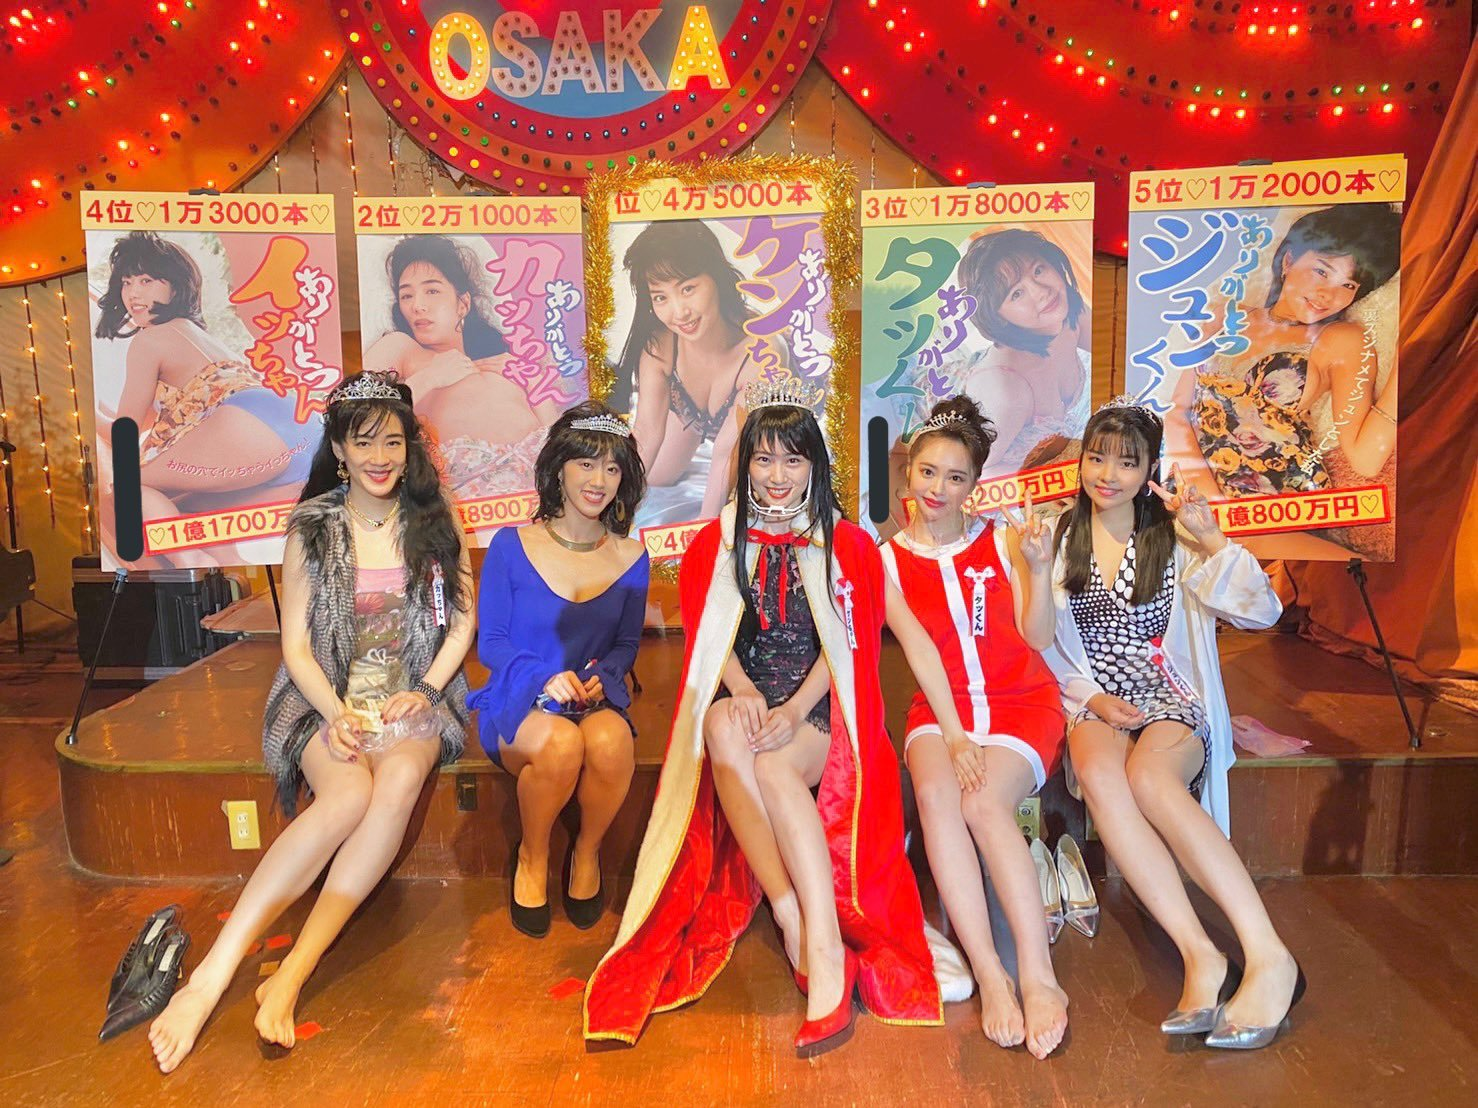 10位出演[AV帝王2]现役女演员摔角手本尊竟然某站知名 网络美女 第5张